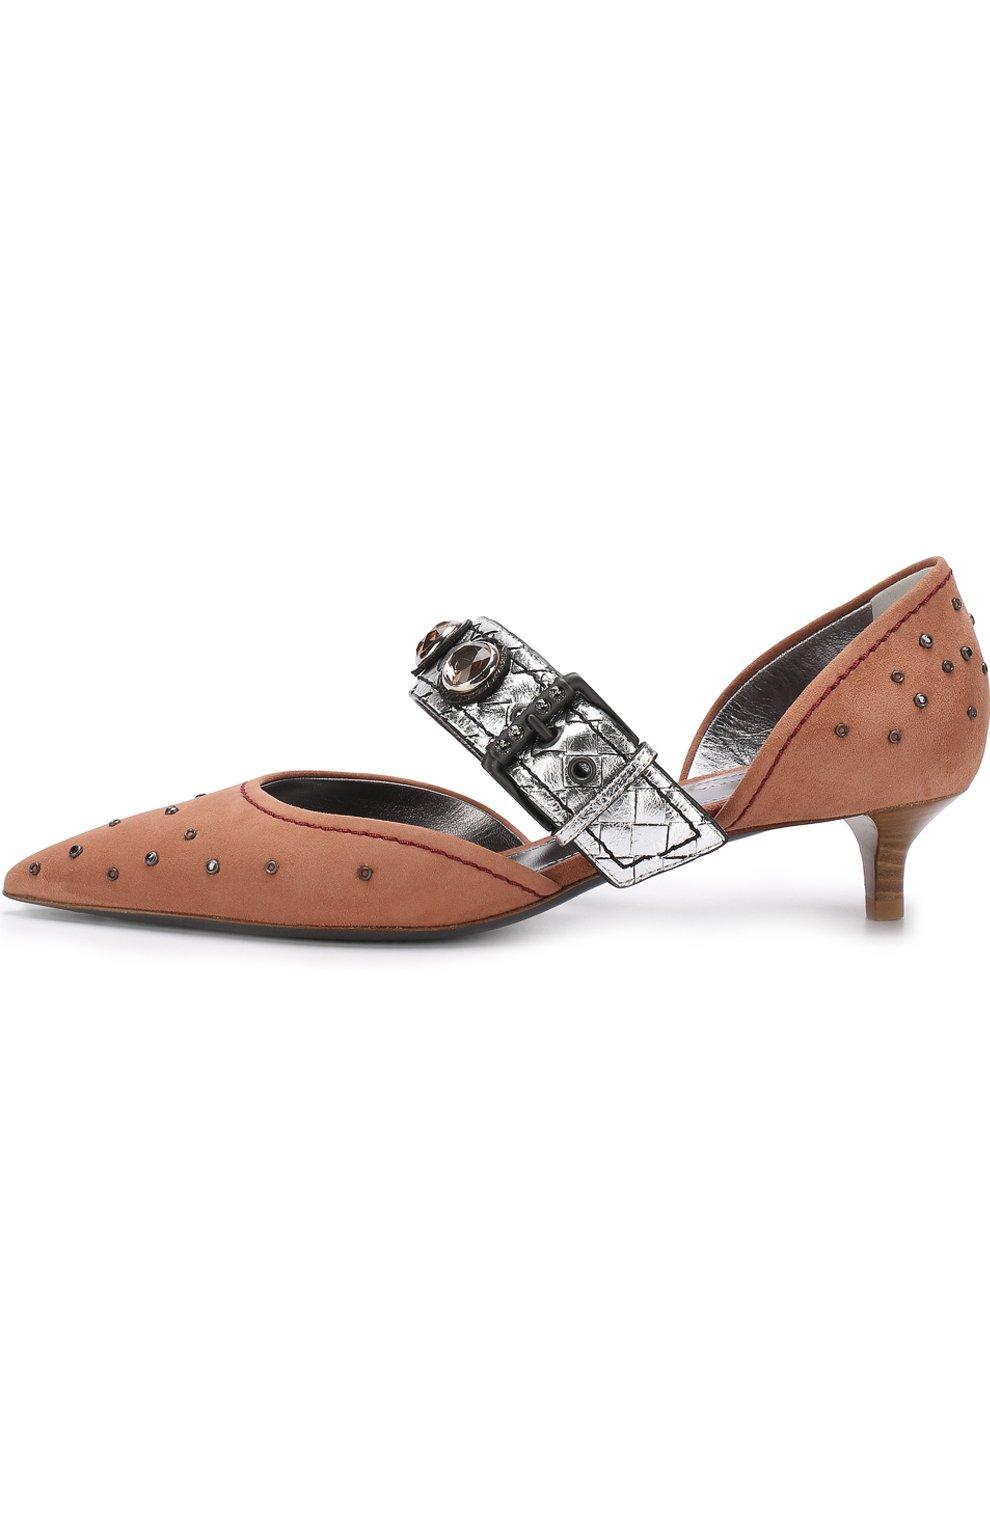 Замшевые туфли с заклепками на каблуке kitten heel | Фото №3